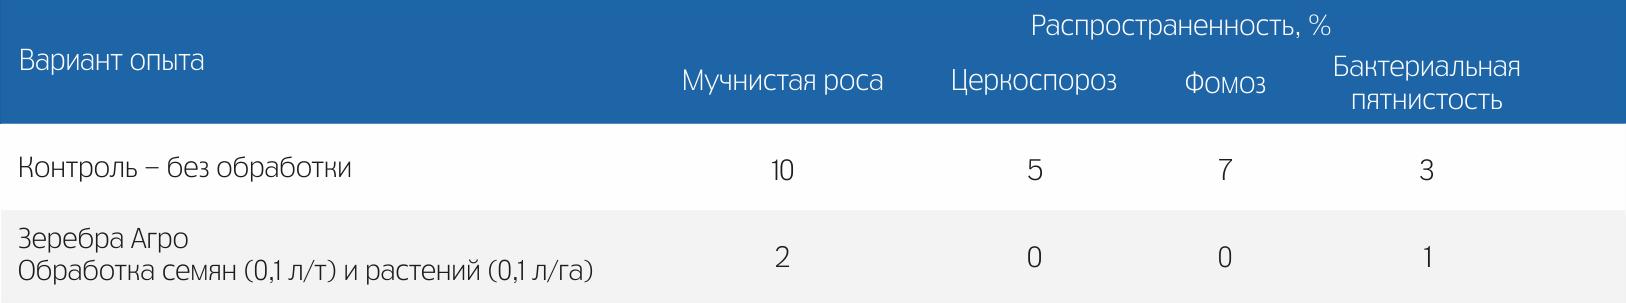 По данным ФГБОУ ВПО «КубГАУ», г. Краснодар